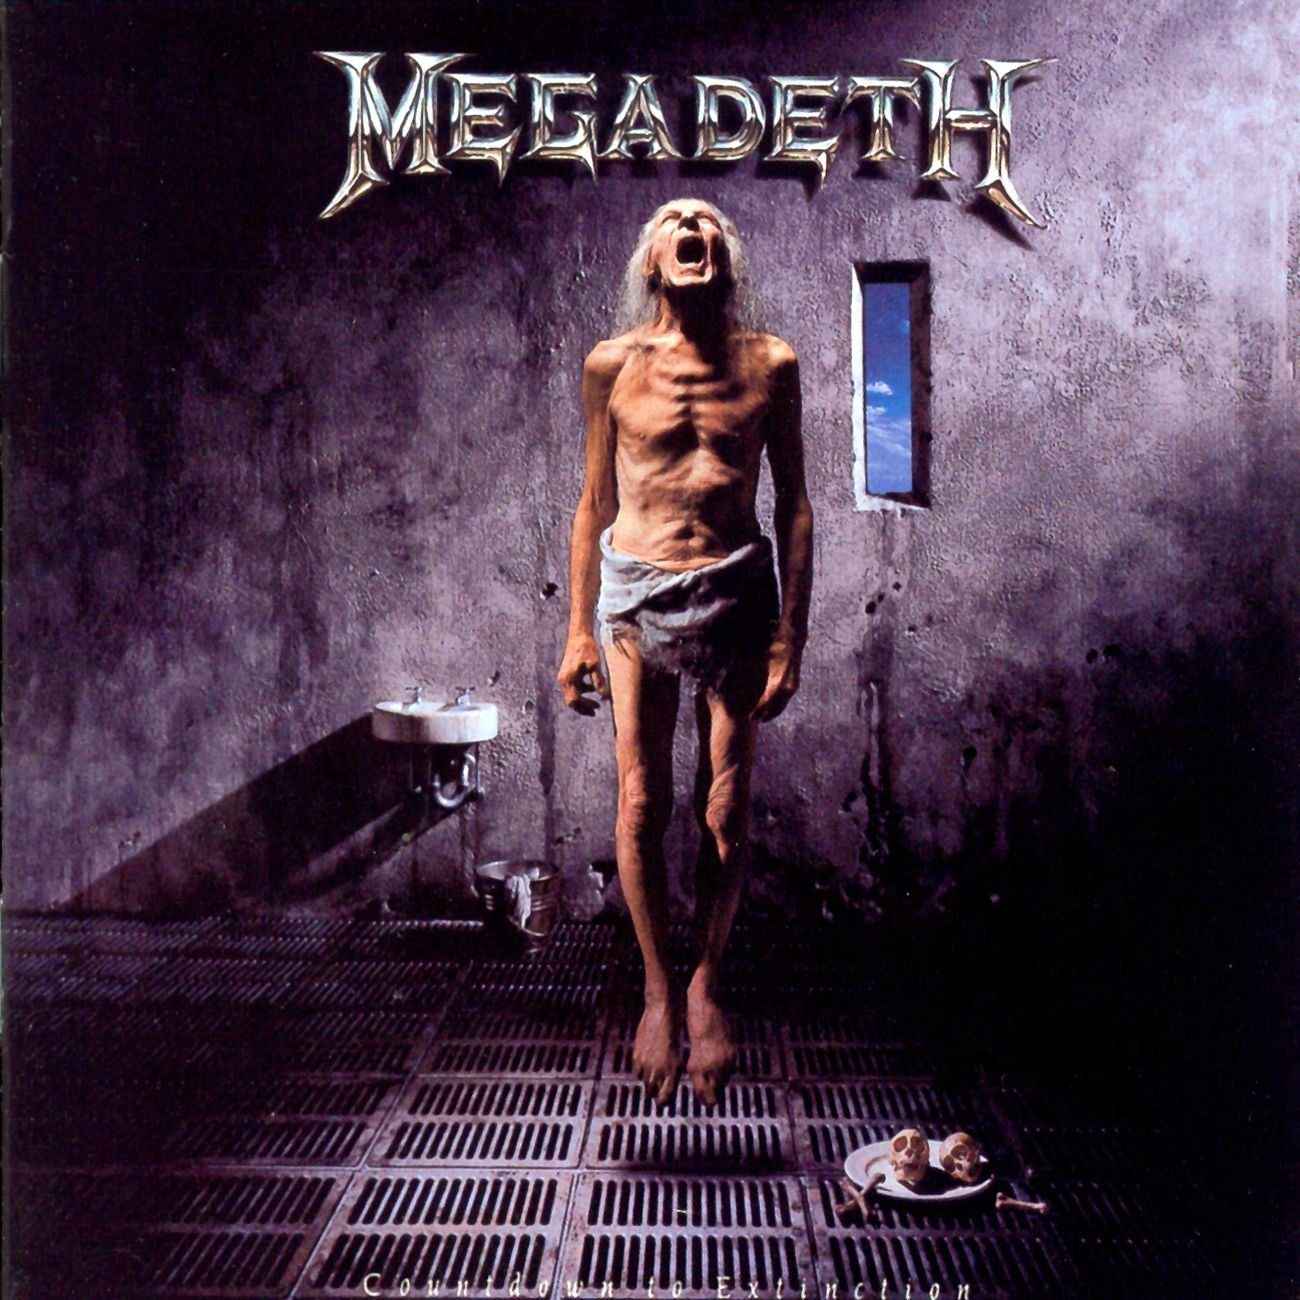 Megadeth - Countdown to Extinction<br /><br />Nyitás a nagyközönség fel, Billboard második hely, egy Grammy jelölés és kétmillió eladott példány. Olyan alapdalokat sorakoztatott fel ez a korong, mint a Skin O' My Teeth, a Symphony Of Destruction, vagy a Sweating Bullets és a címadó, igazából egy rajongó sem panaszkodhat rá. Akkoriban még kevesebb volt az avokádó és volt is egy Marty Friedman a csapatban.